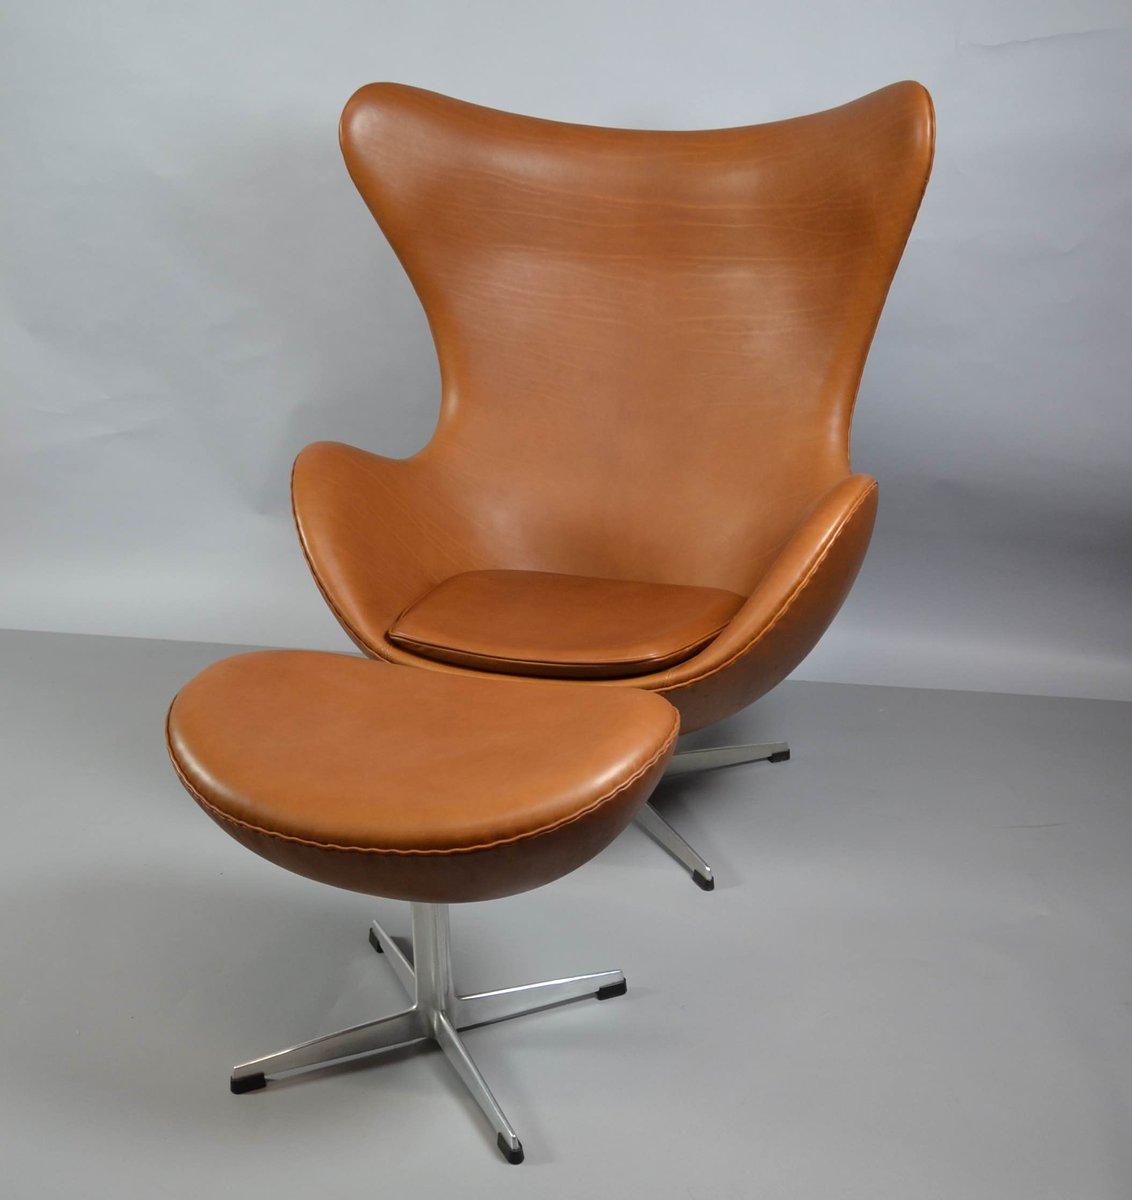 egg chair aus leder mit ottomane von arne jacobsen f r fritz hansen 1970er bei pamono kaufen. Black Bedroom Furniture Sets. Home Design Ideas